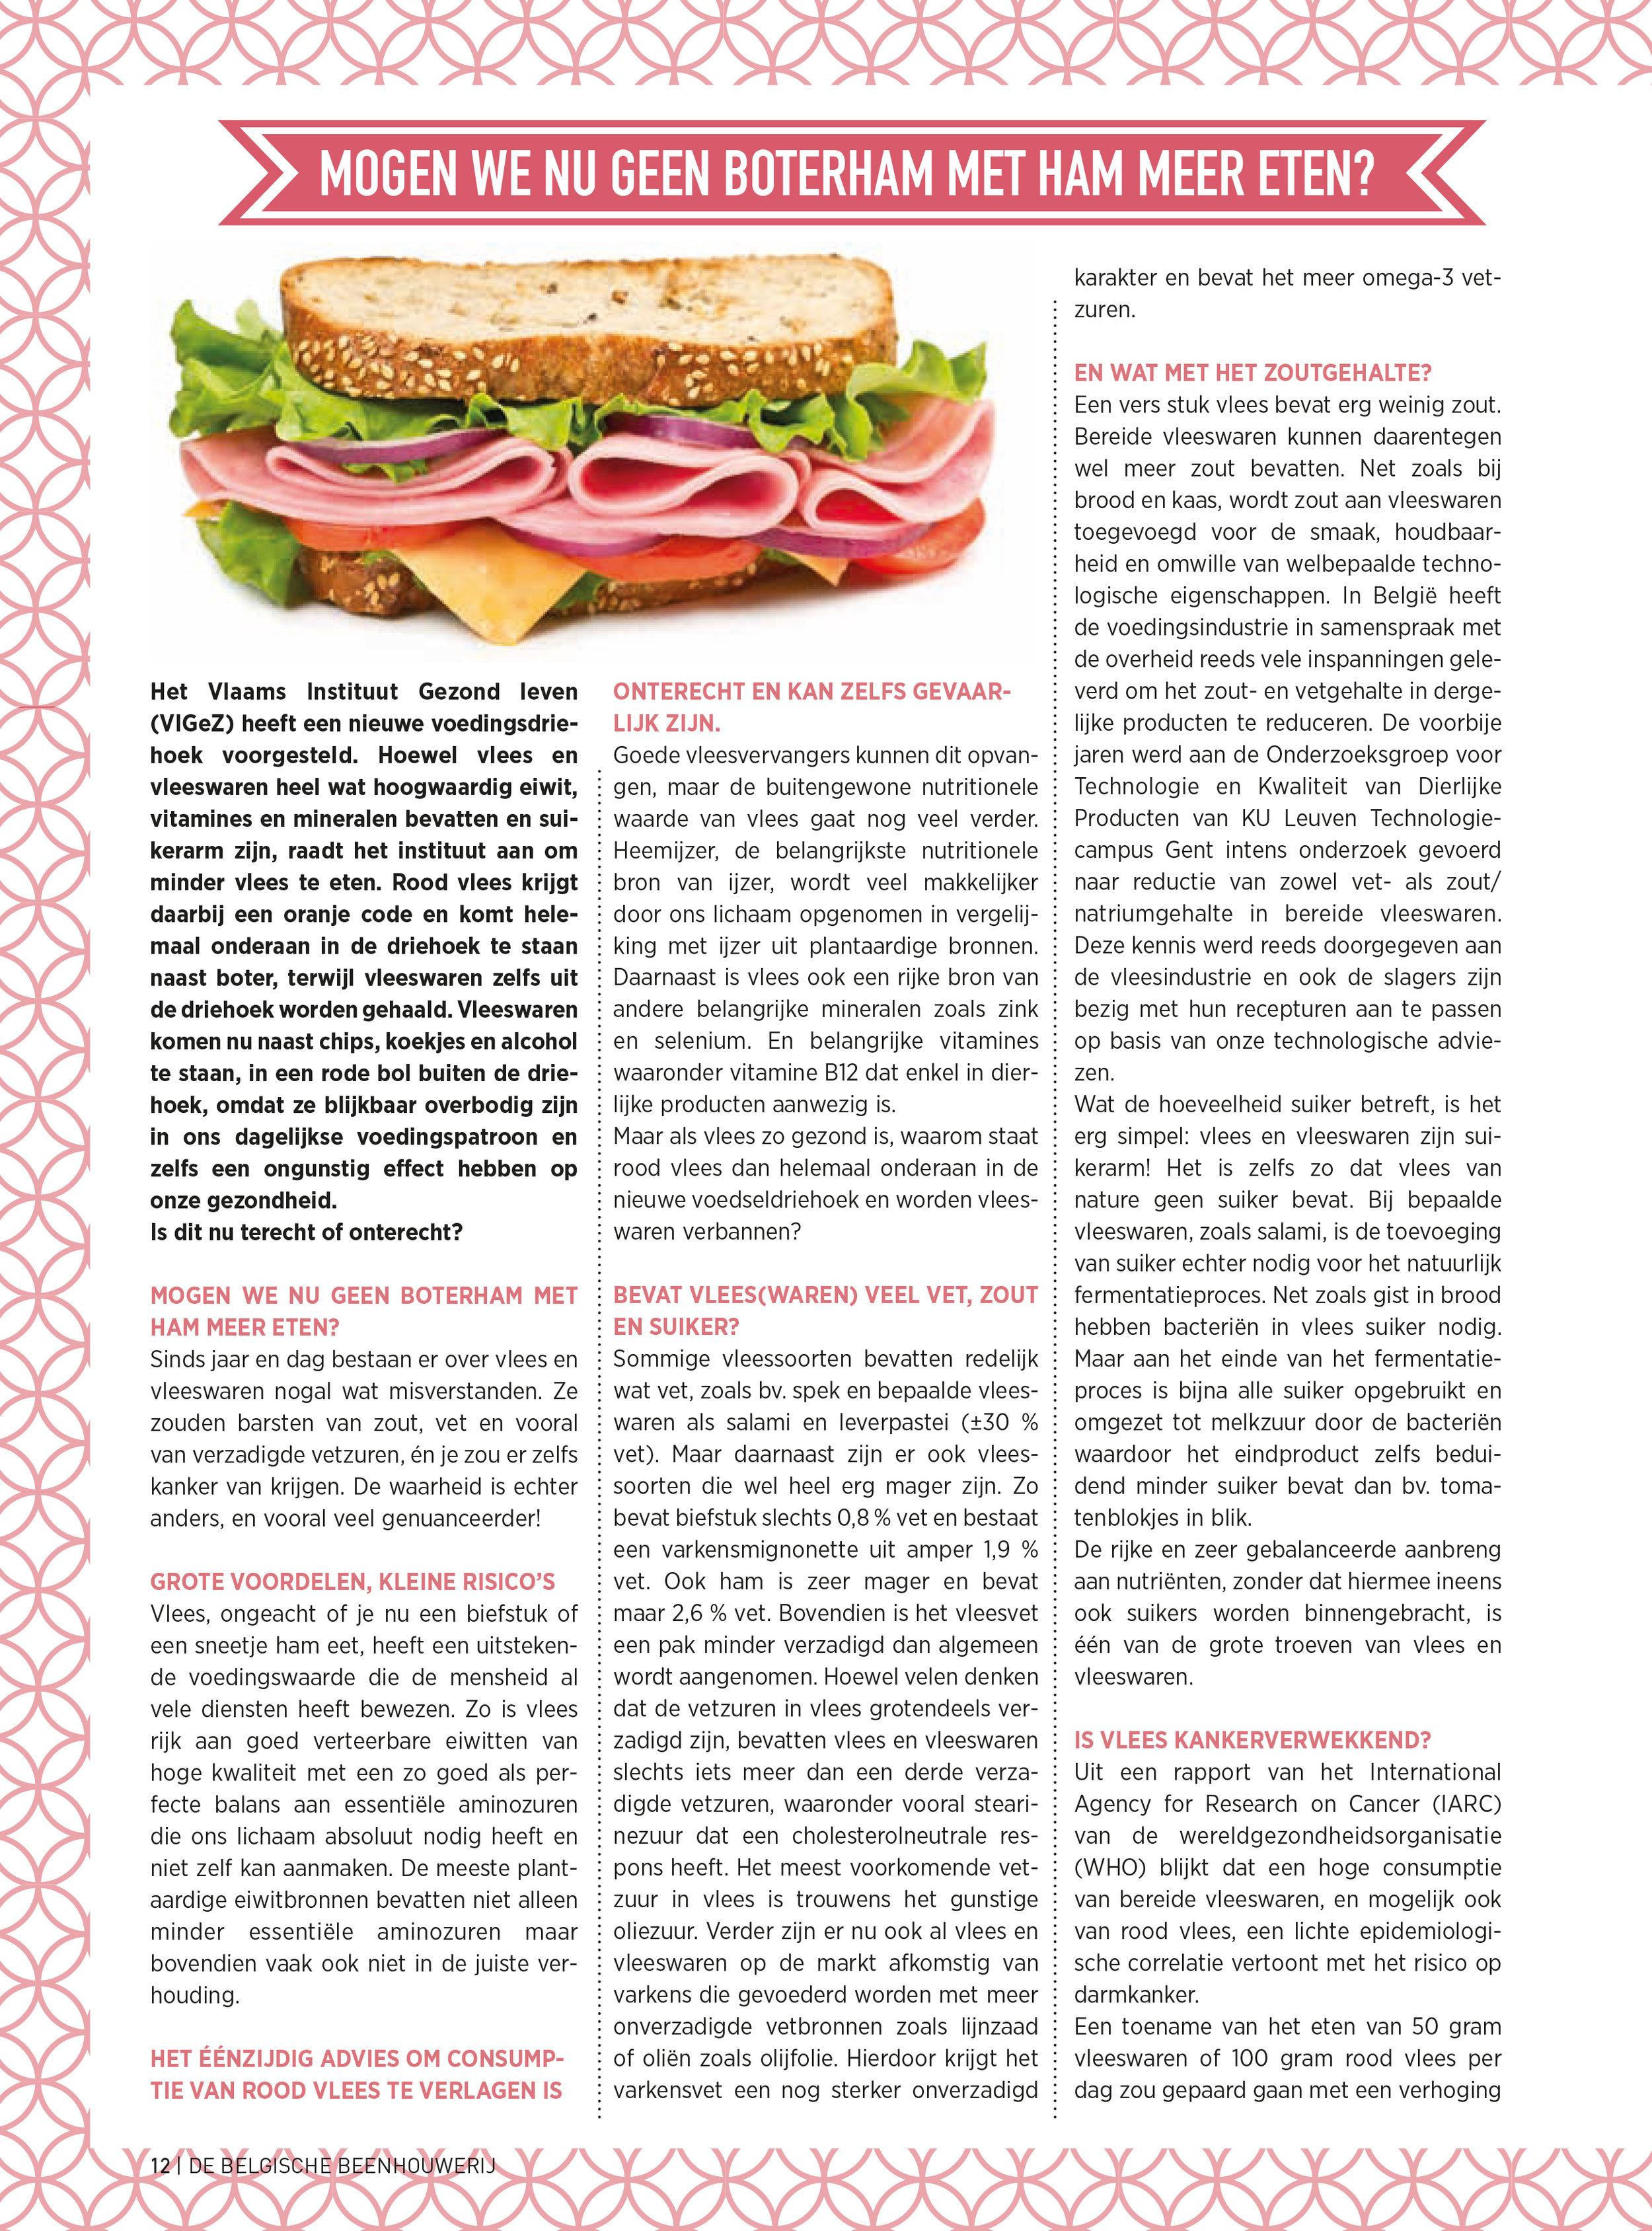 Mogen we nu geen boterham met ham meer eten (Vakblad Belgische Beenhouwerij)-1.jpg